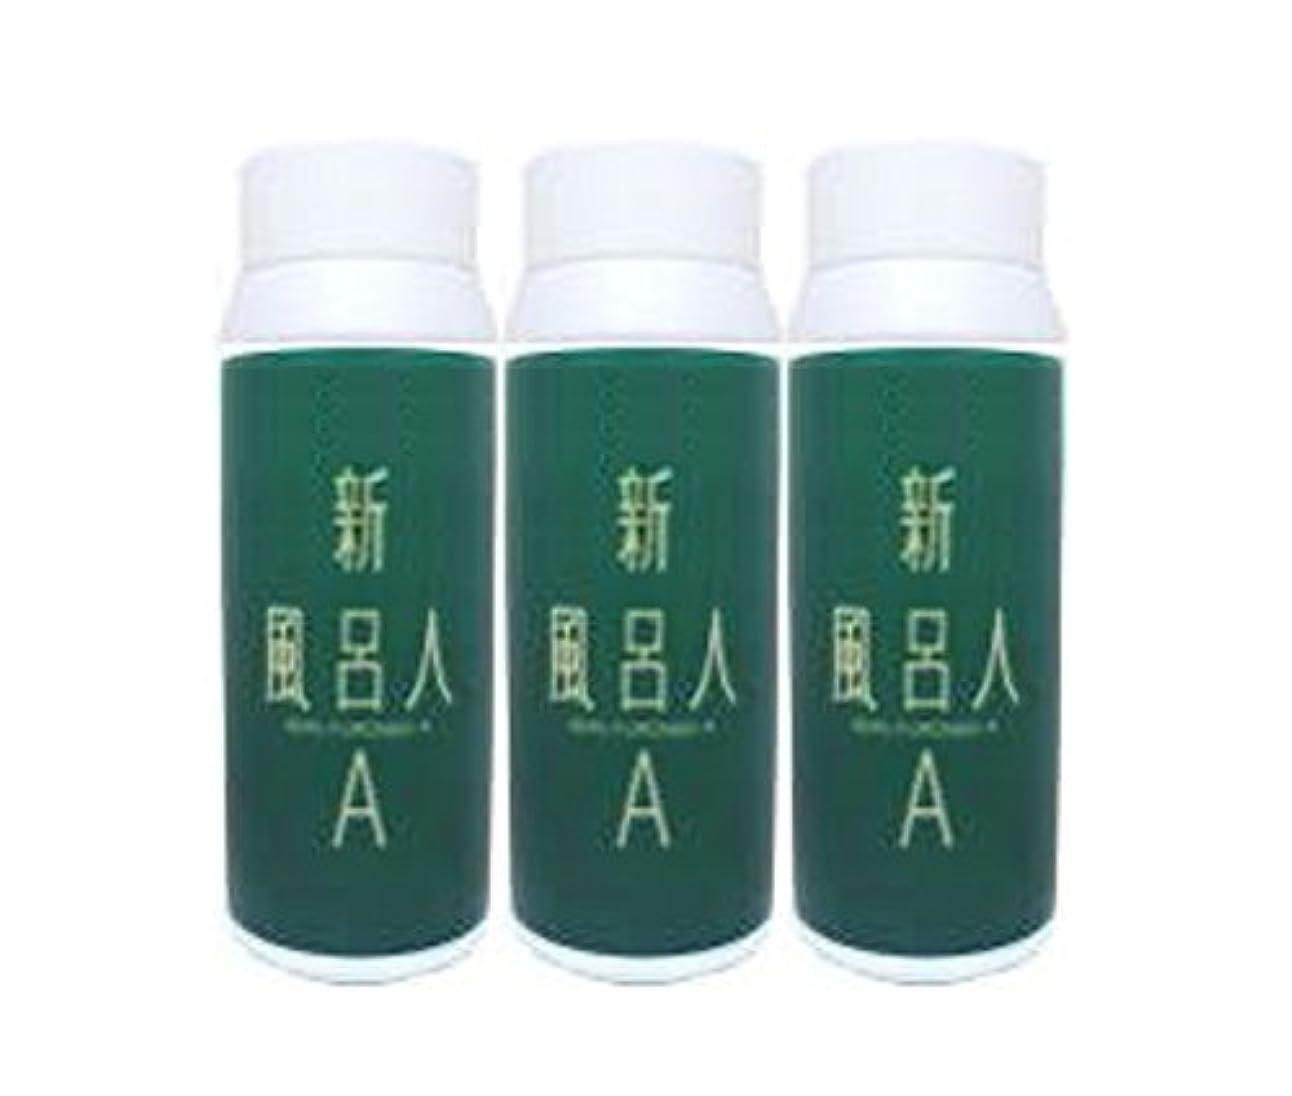 銅マーケティング懐疑的24時間風呂用 入浴剤 新フロンドA 1000g 【3本セット】